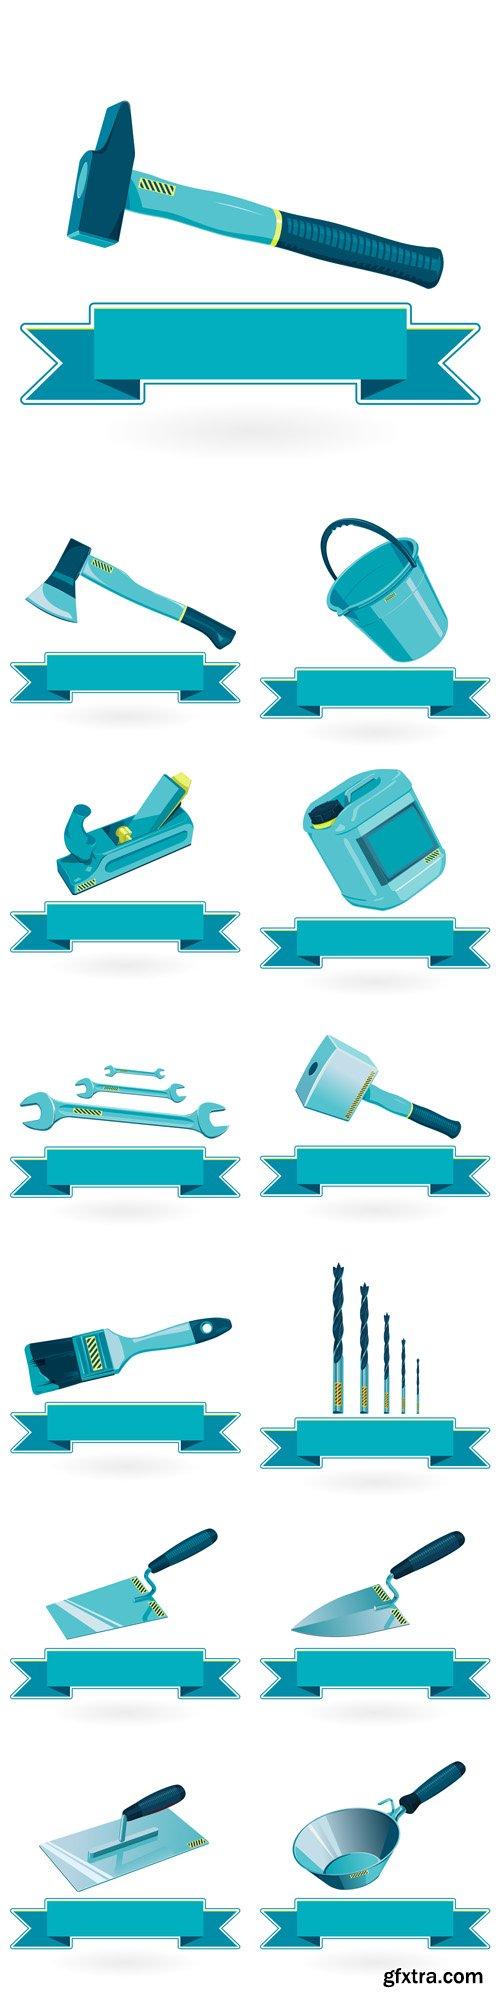 Construction Tools - Vectors A000033